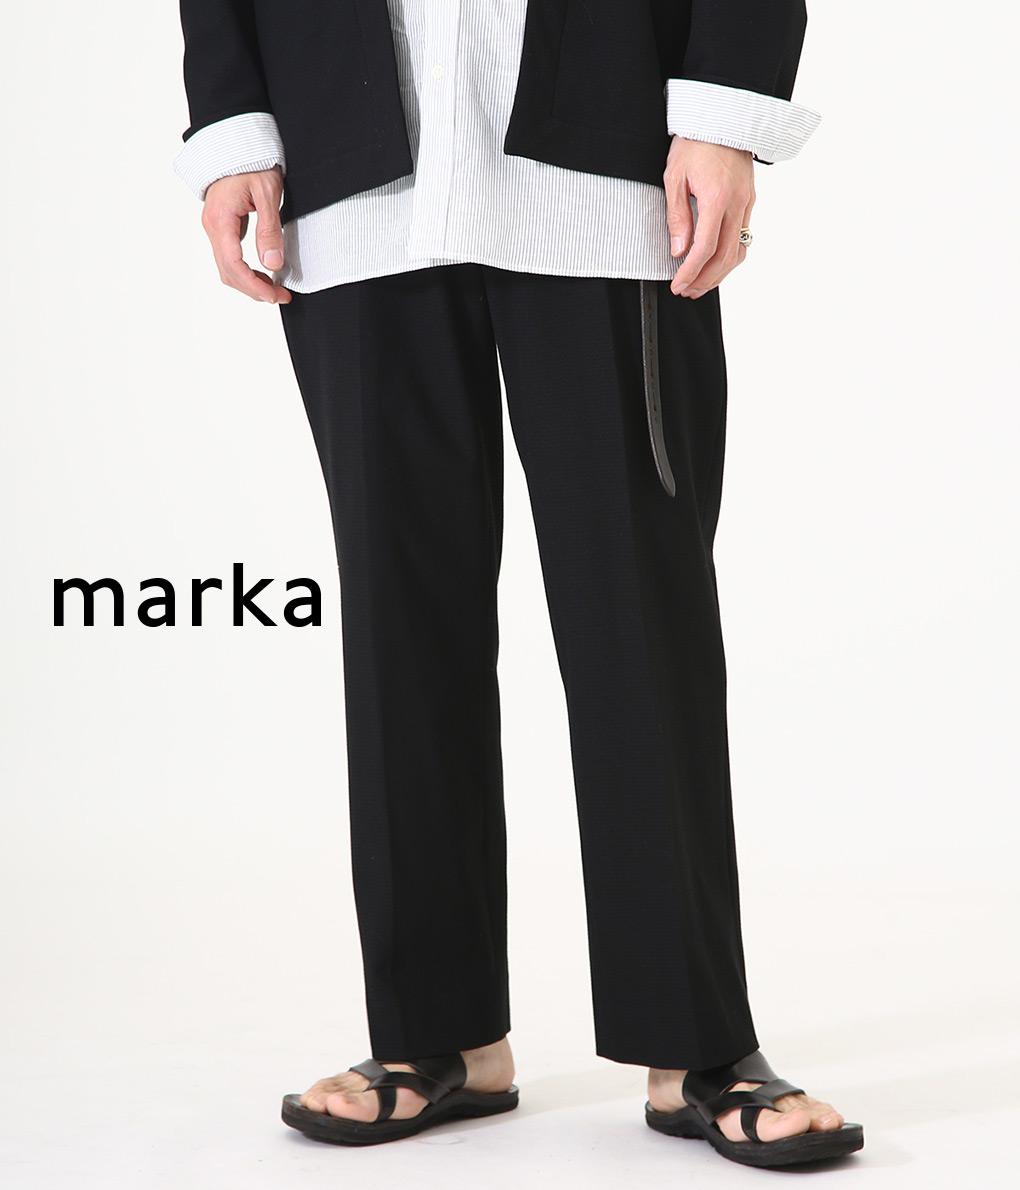 marka / マーカ : STRAIGHT FIT : マーカ ストレートフィットイージー スラックス パンツ ロングパンツ メンズ : M20B-01PT01C 【COR】【WIS】